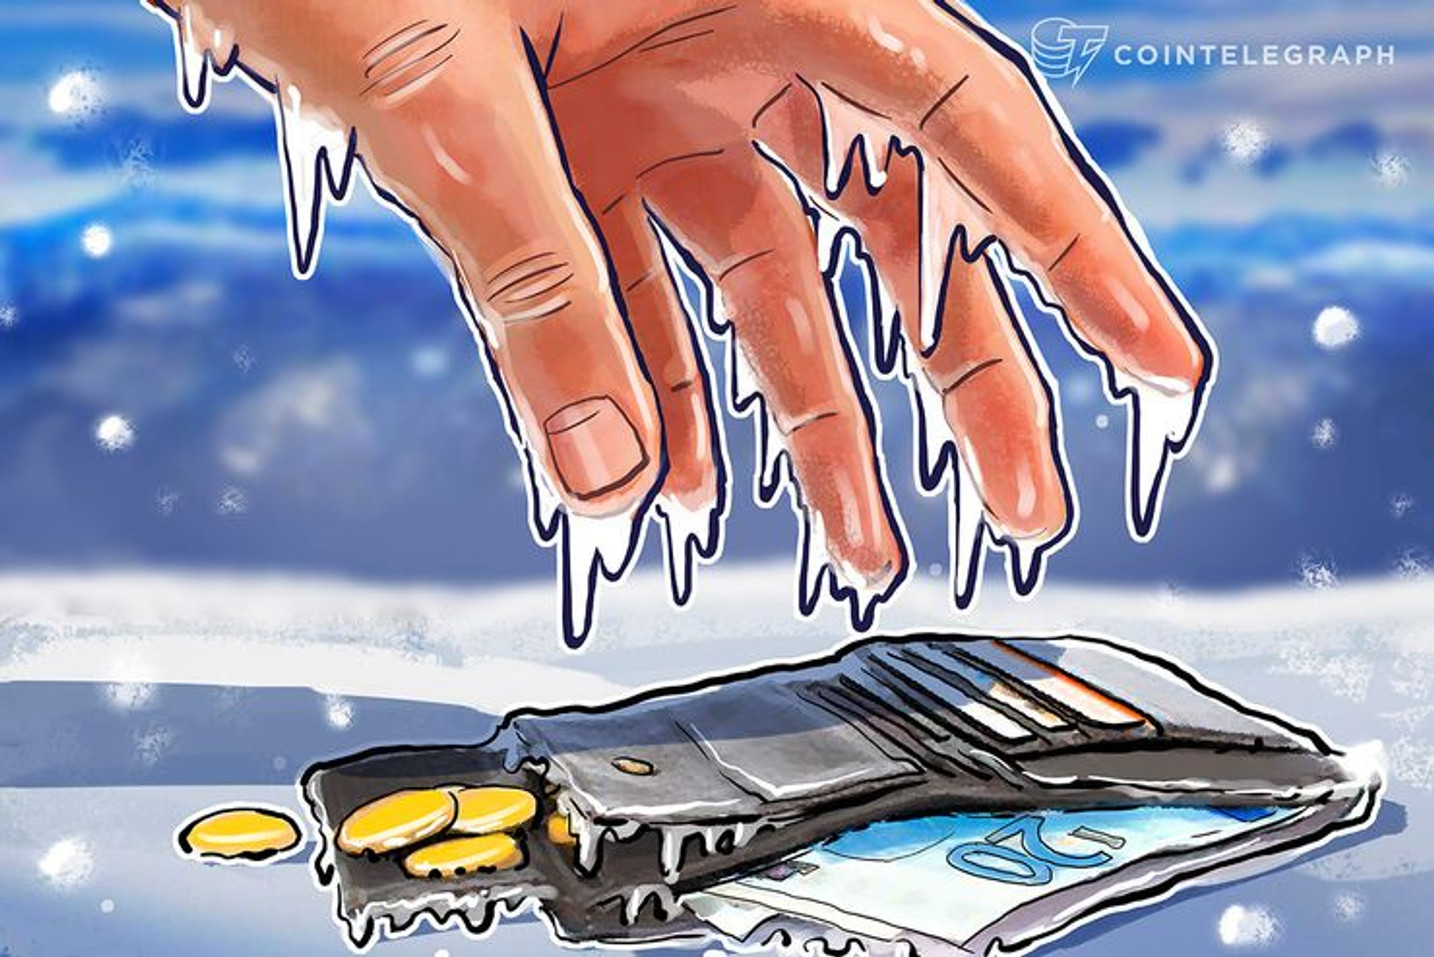 Deutsche Bundesregierung: Immer mehr Geldwäsche-Verdachtsfälle bei Kryptowährungen